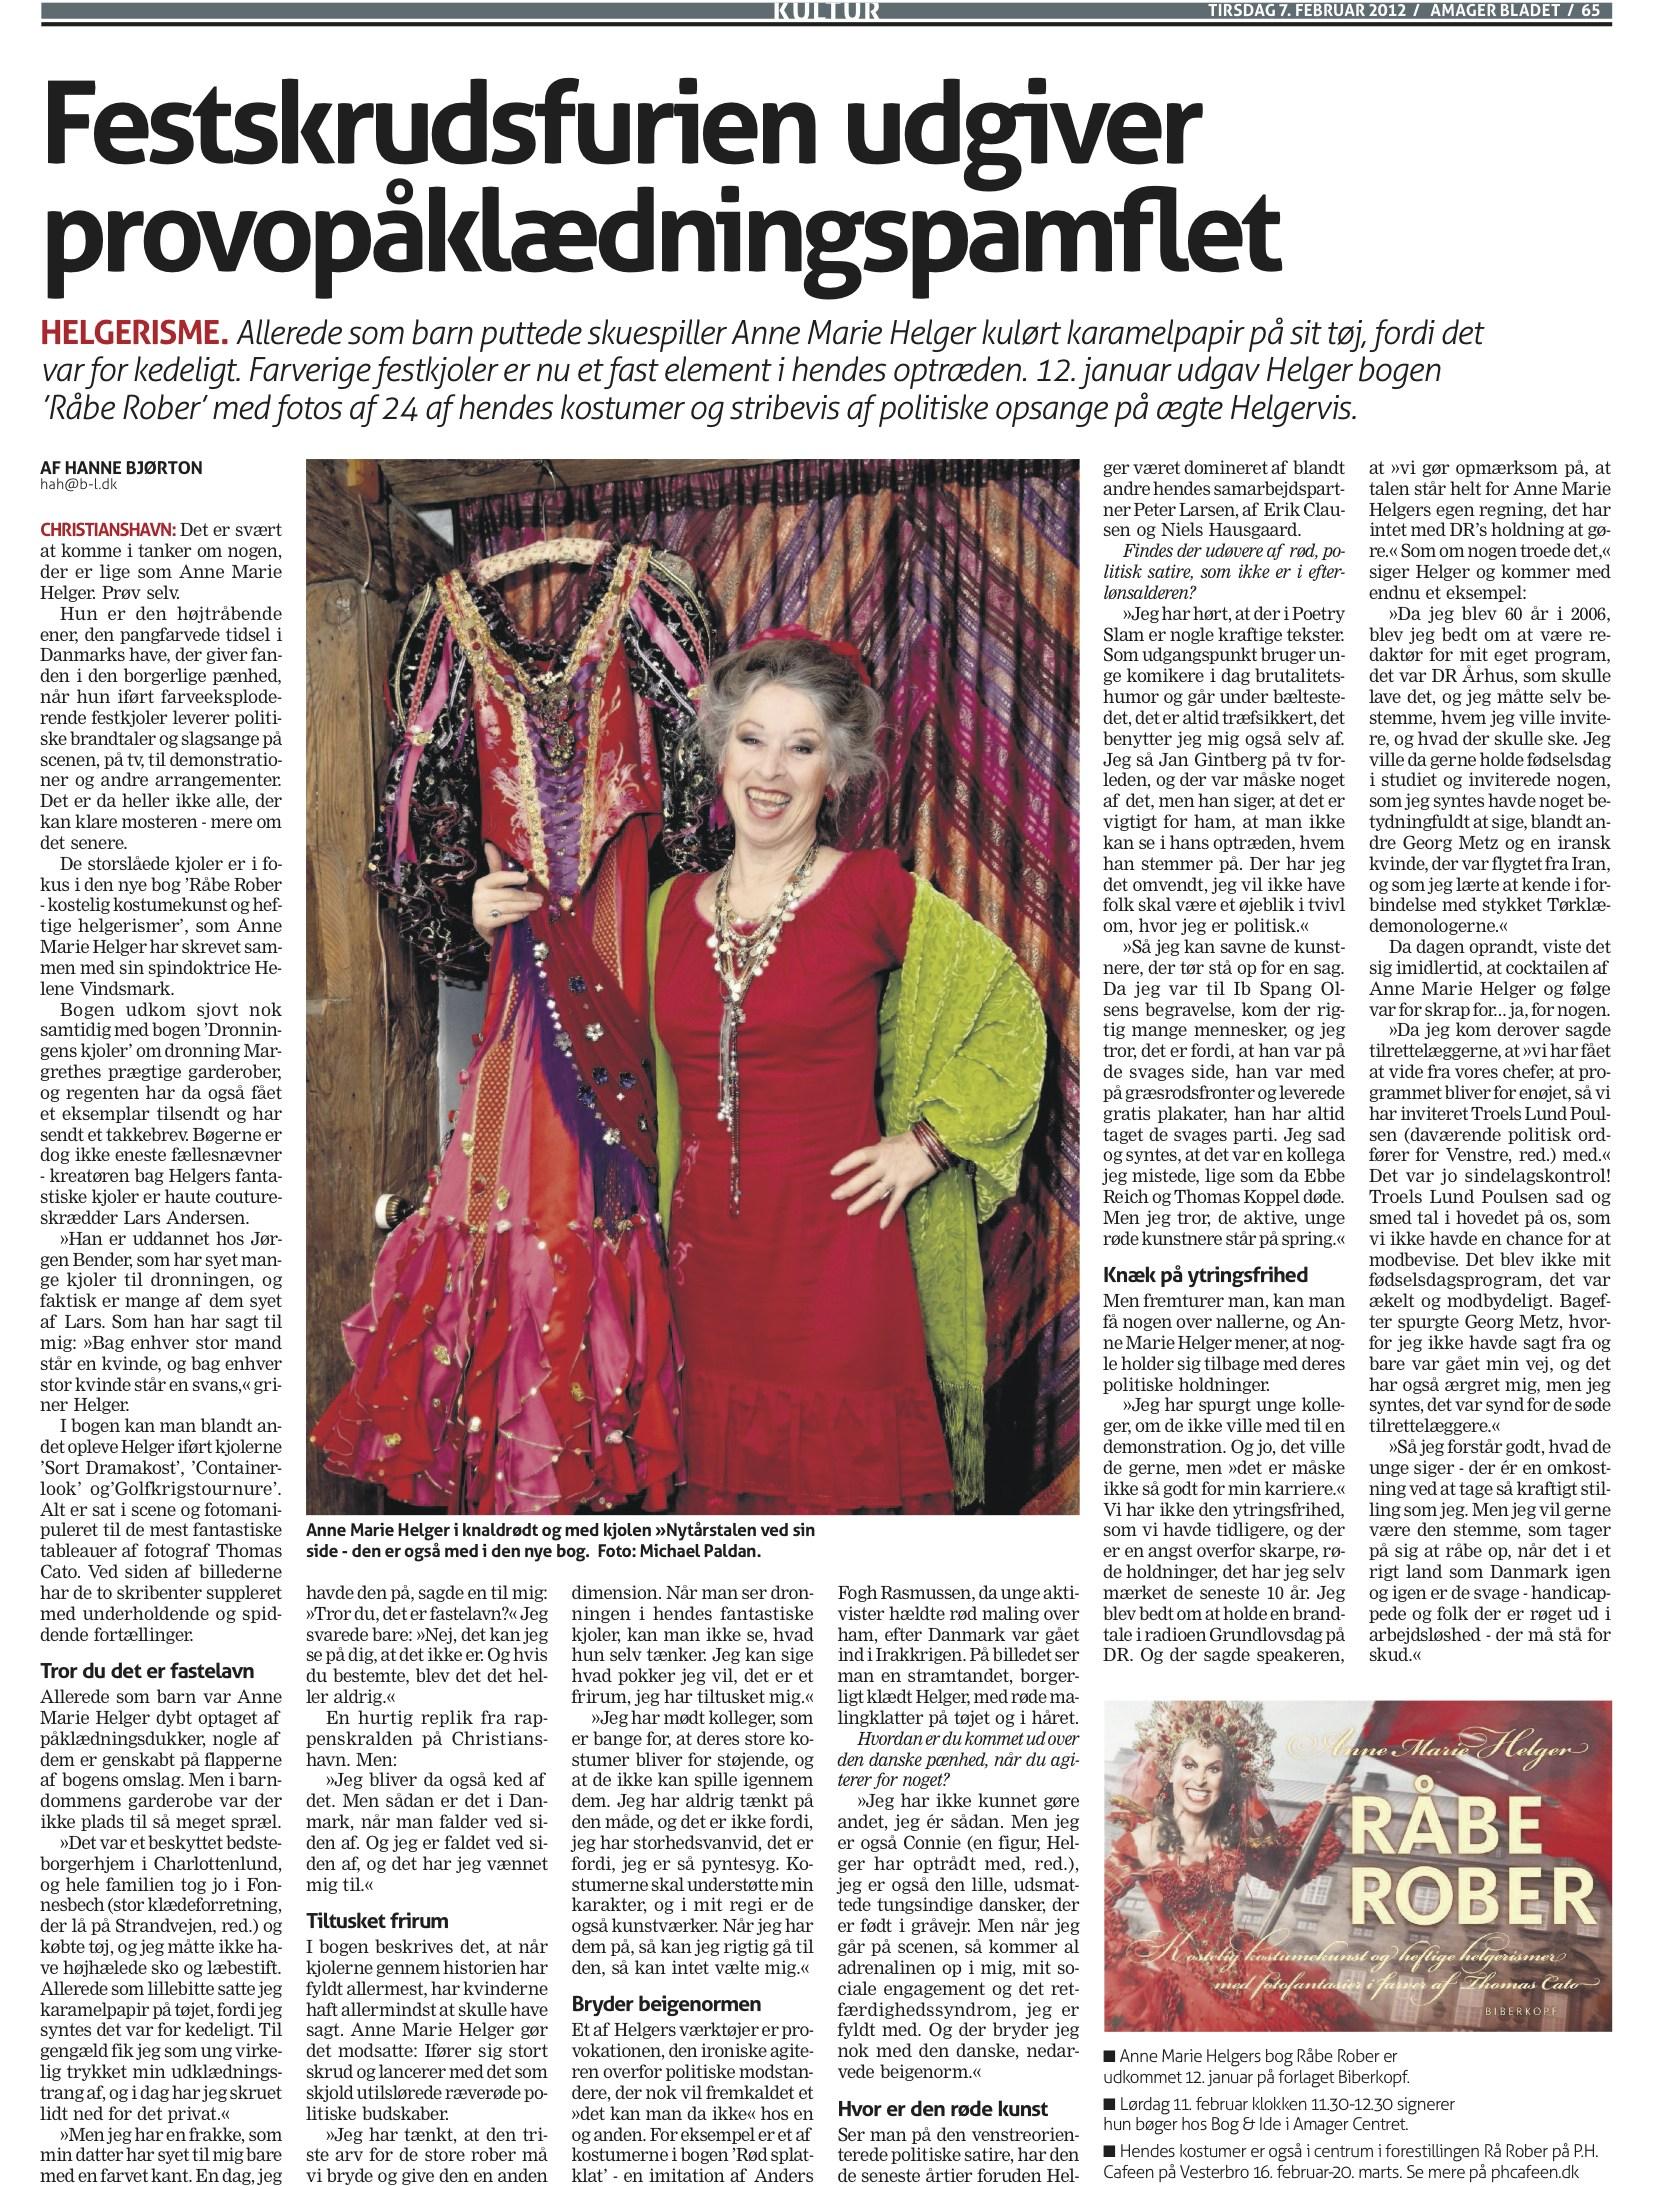 fotoAmagerBladet2012-02-07side65[1]